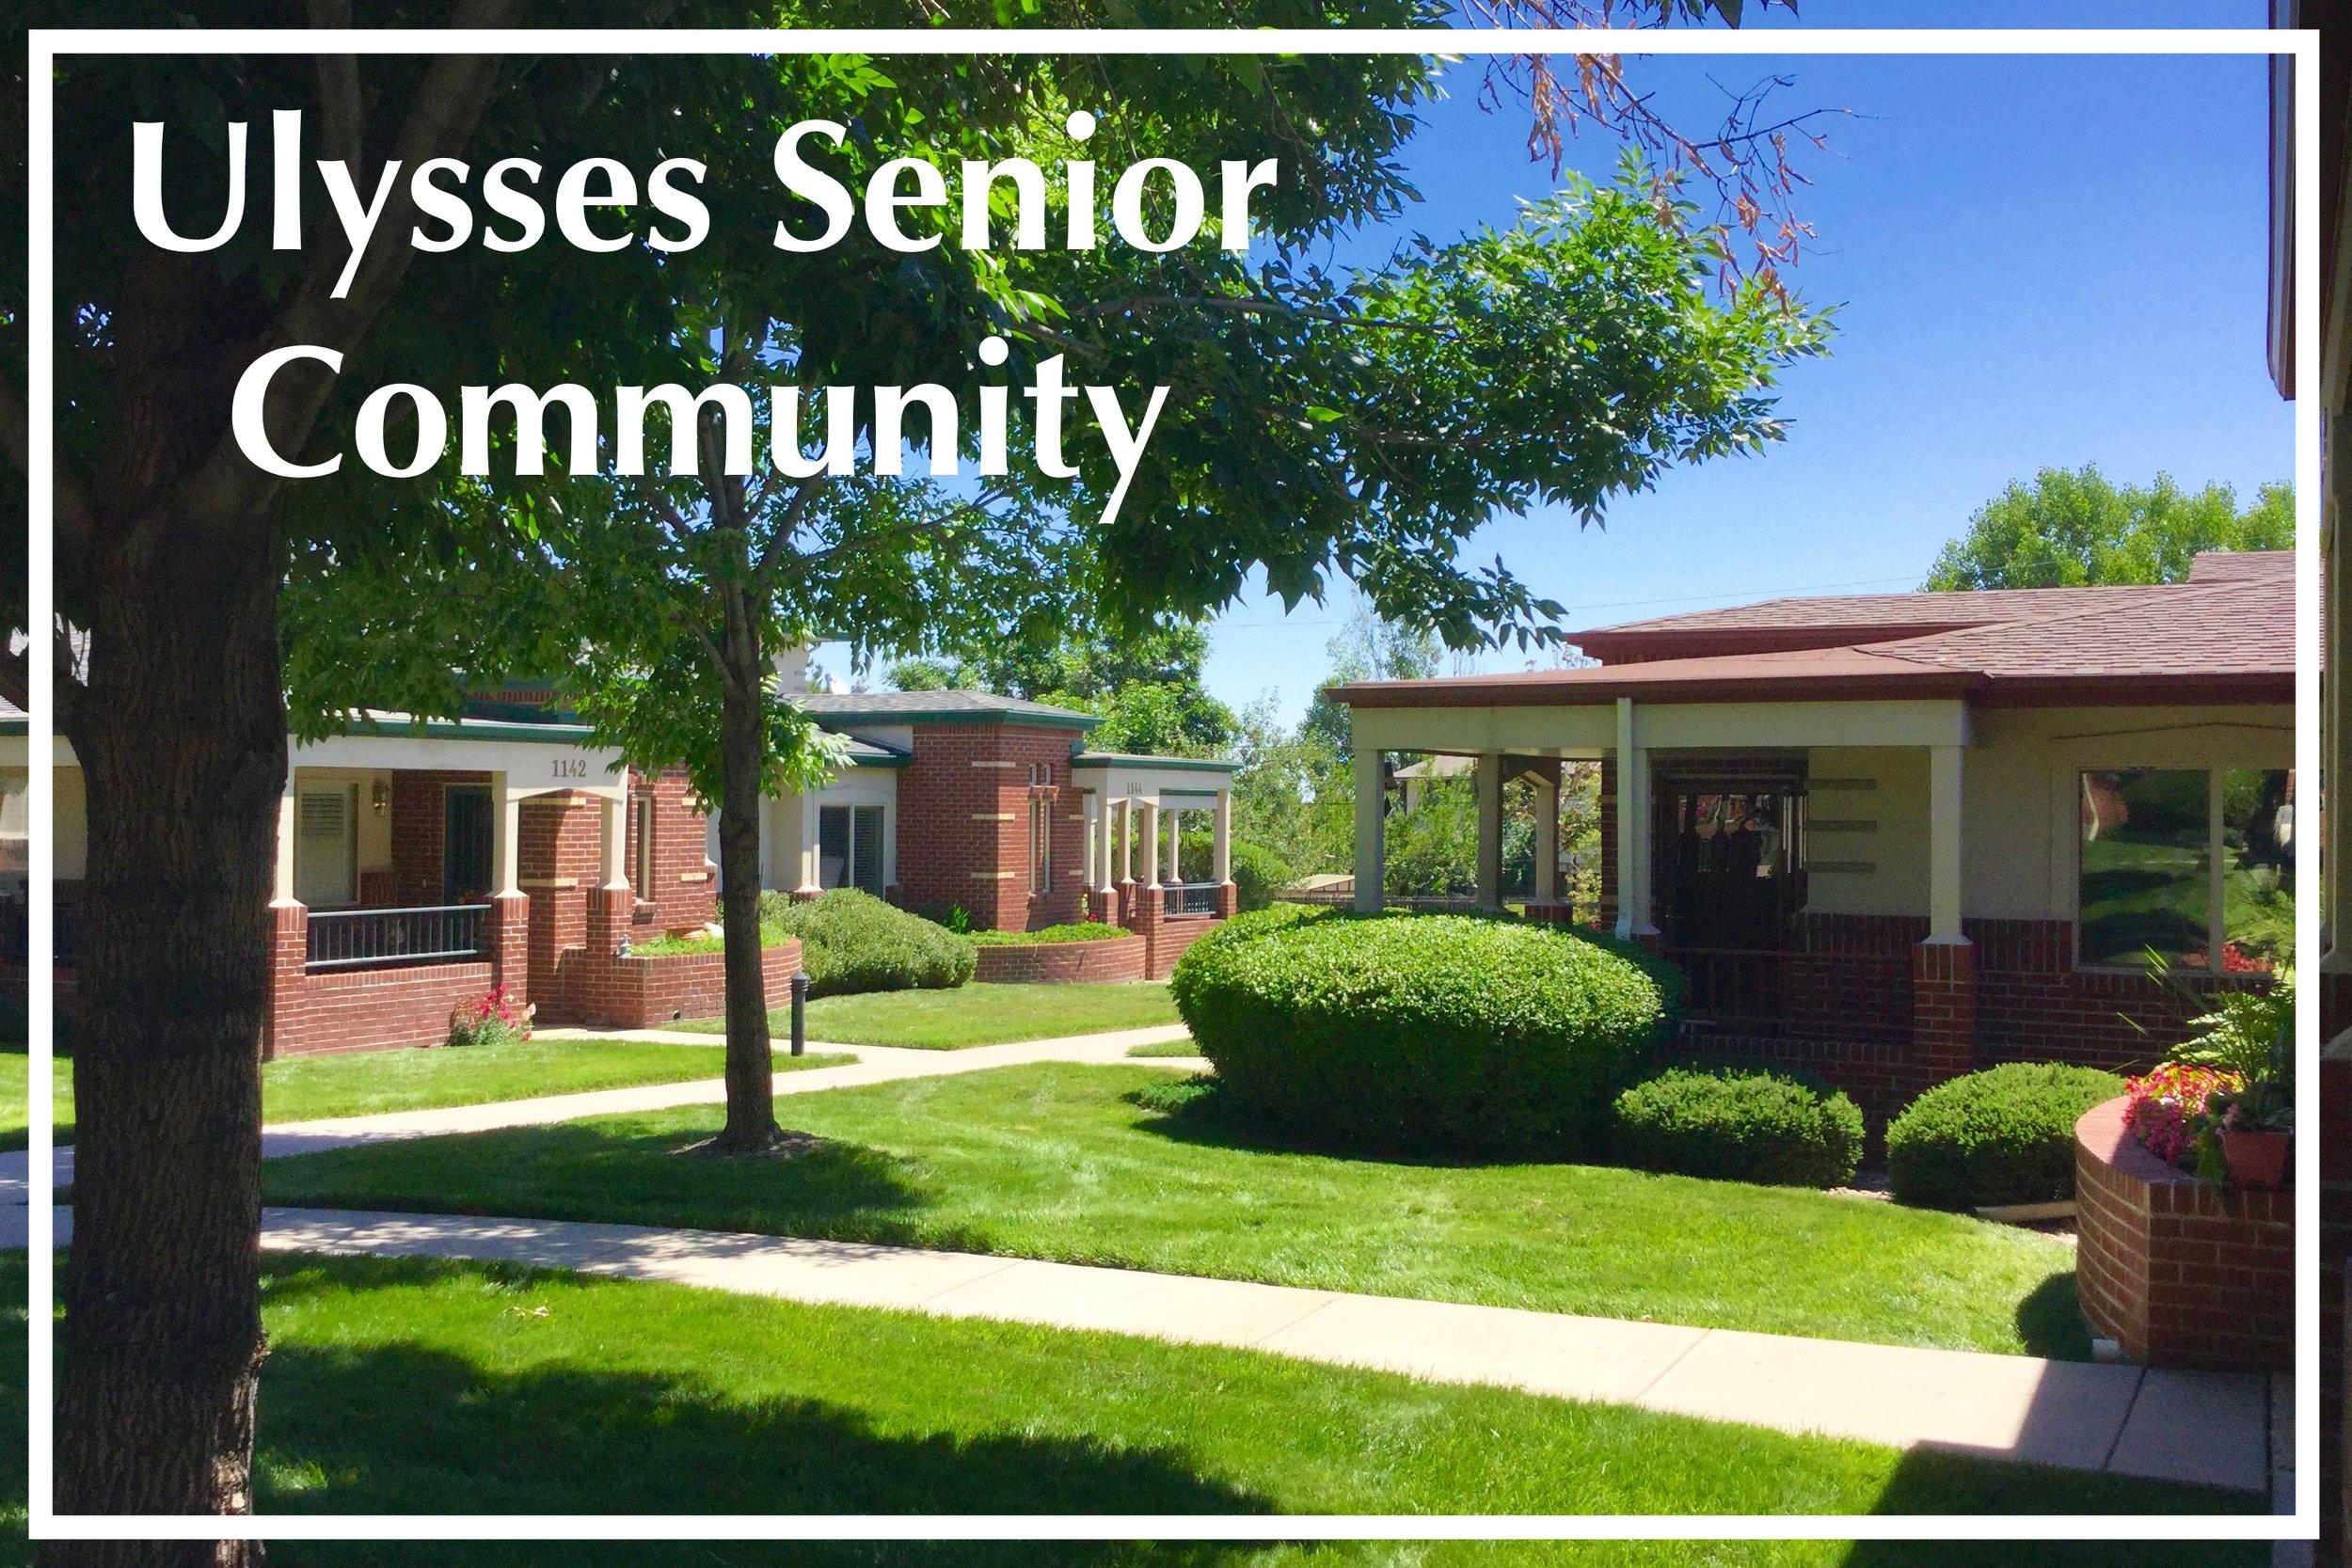 Ulysses Senior Community.jpg